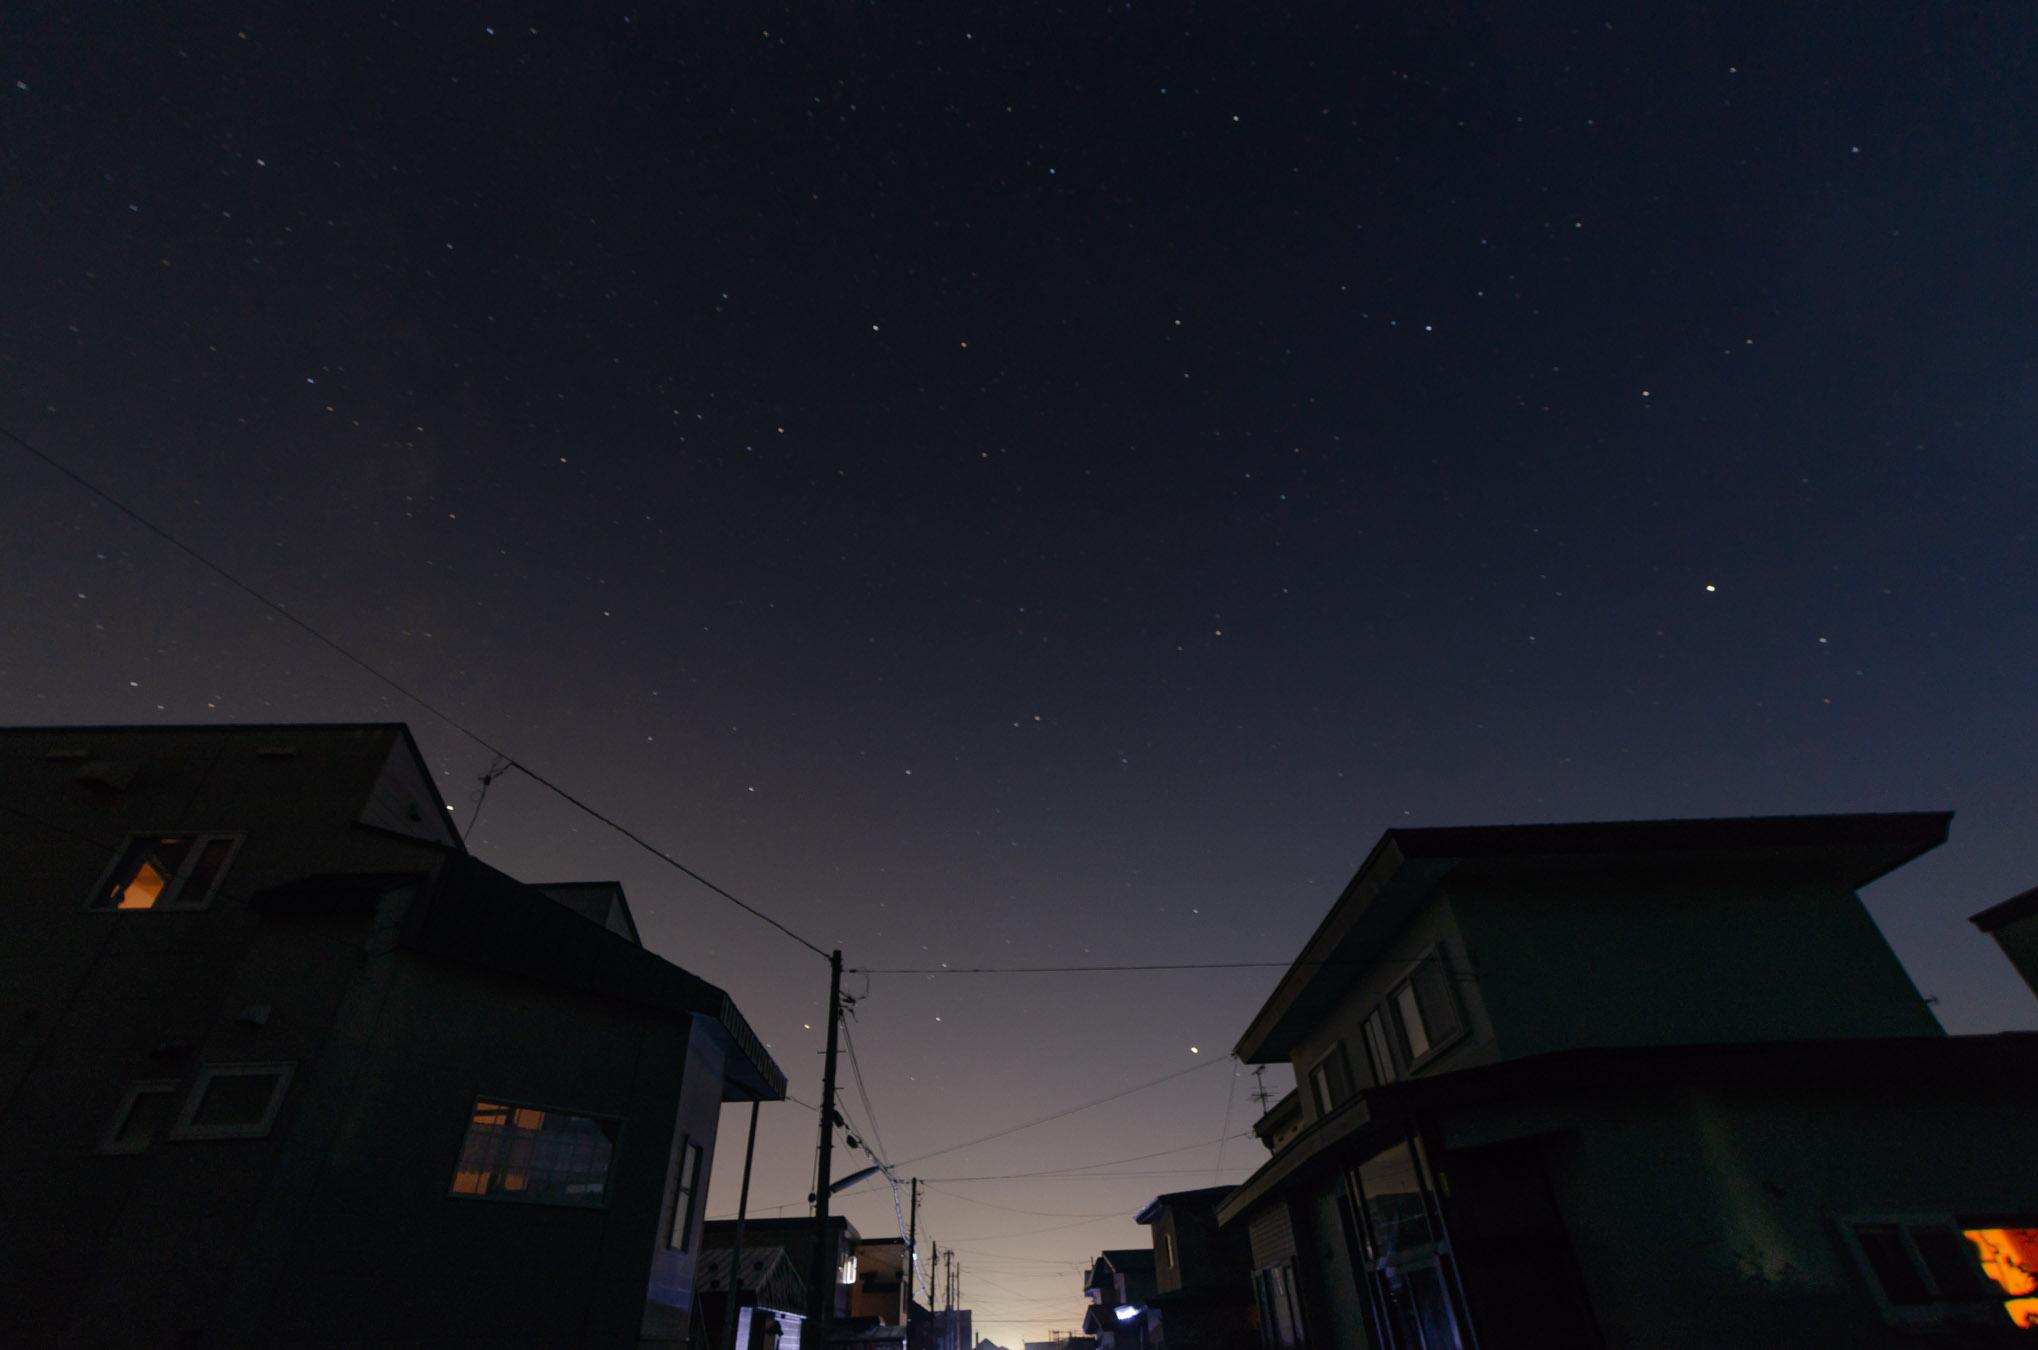 街明かりのない夜空にきらめく星